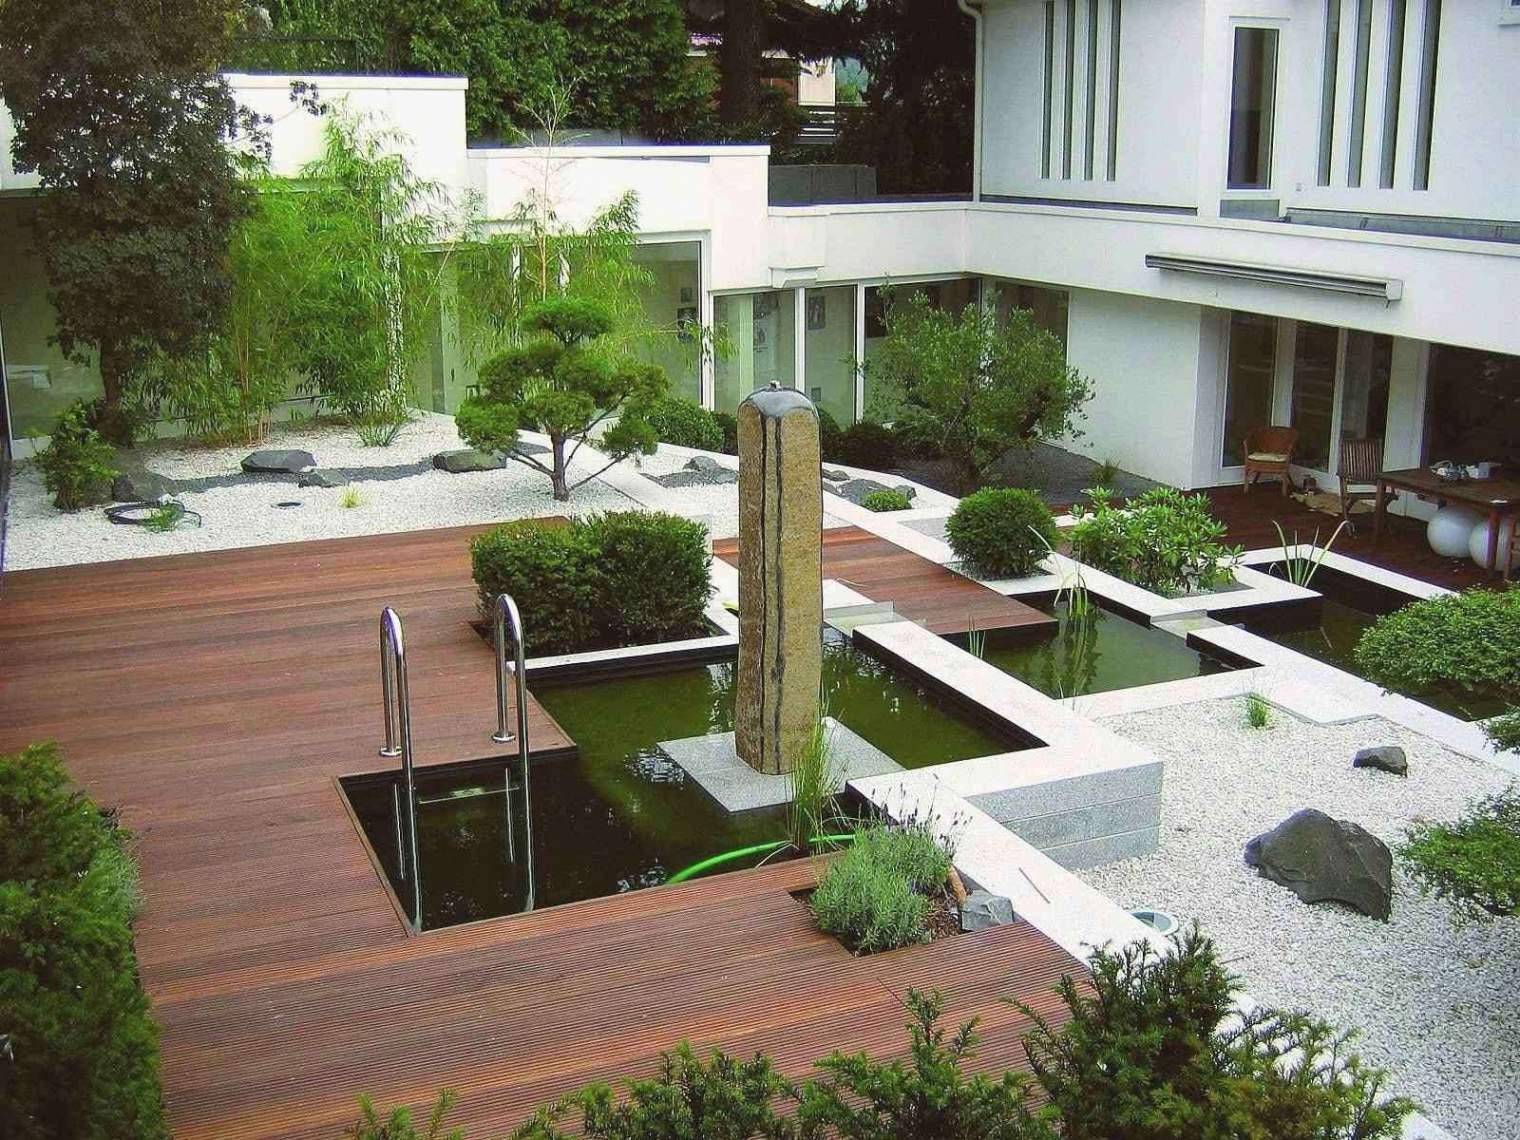 schone garten bilder elegant kleine pools fur kleine garten temobardz home blog of schone garten bilder